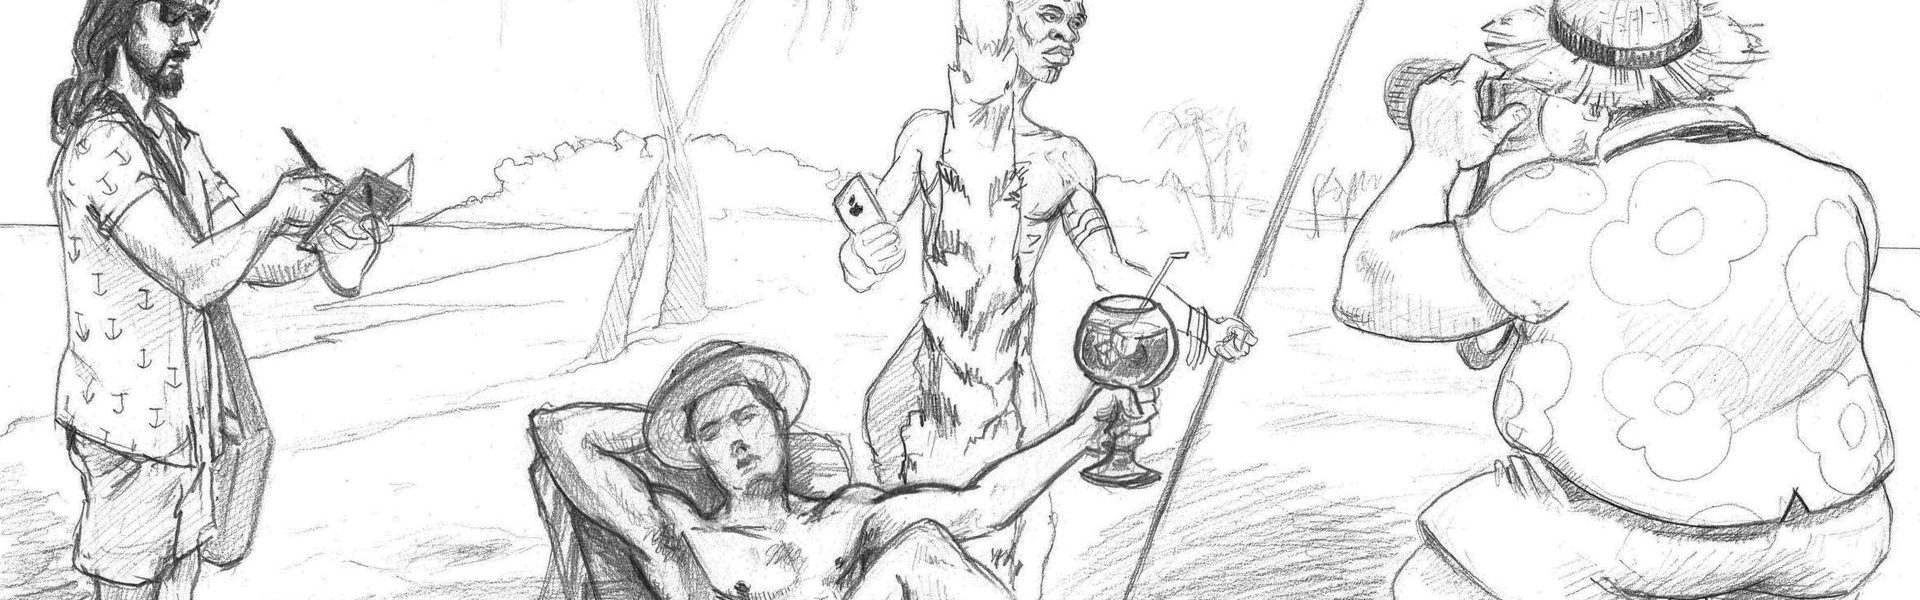 ilustración-turista-idiota-versión-web